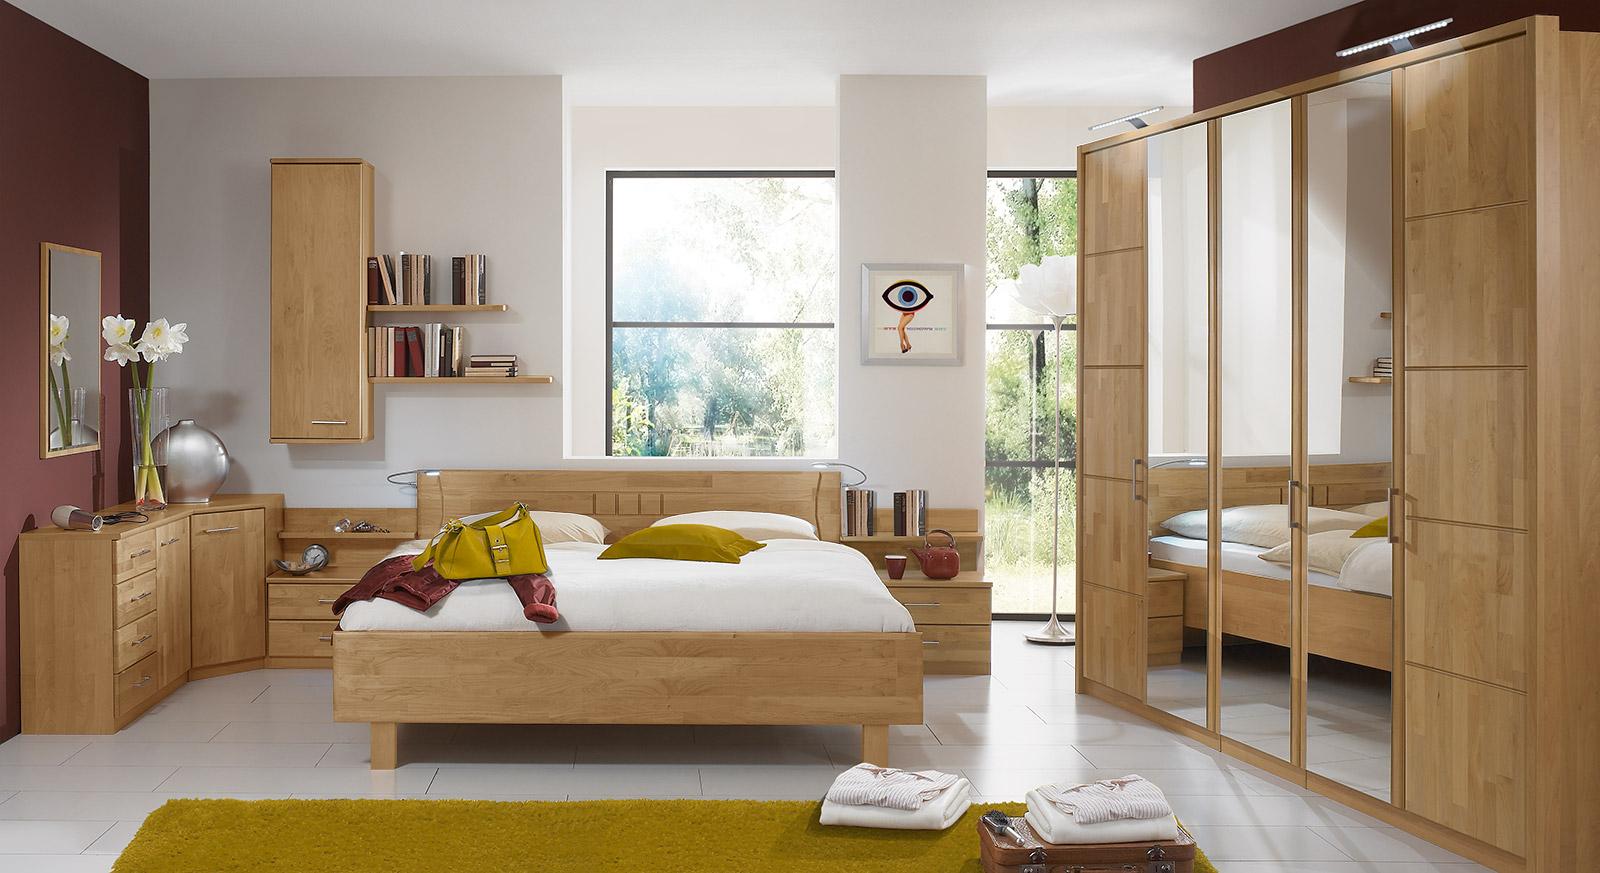 schlafzimmerschrank mit dreht ren in erle teilmassiv beyla On schlafzimmereinrichtungen